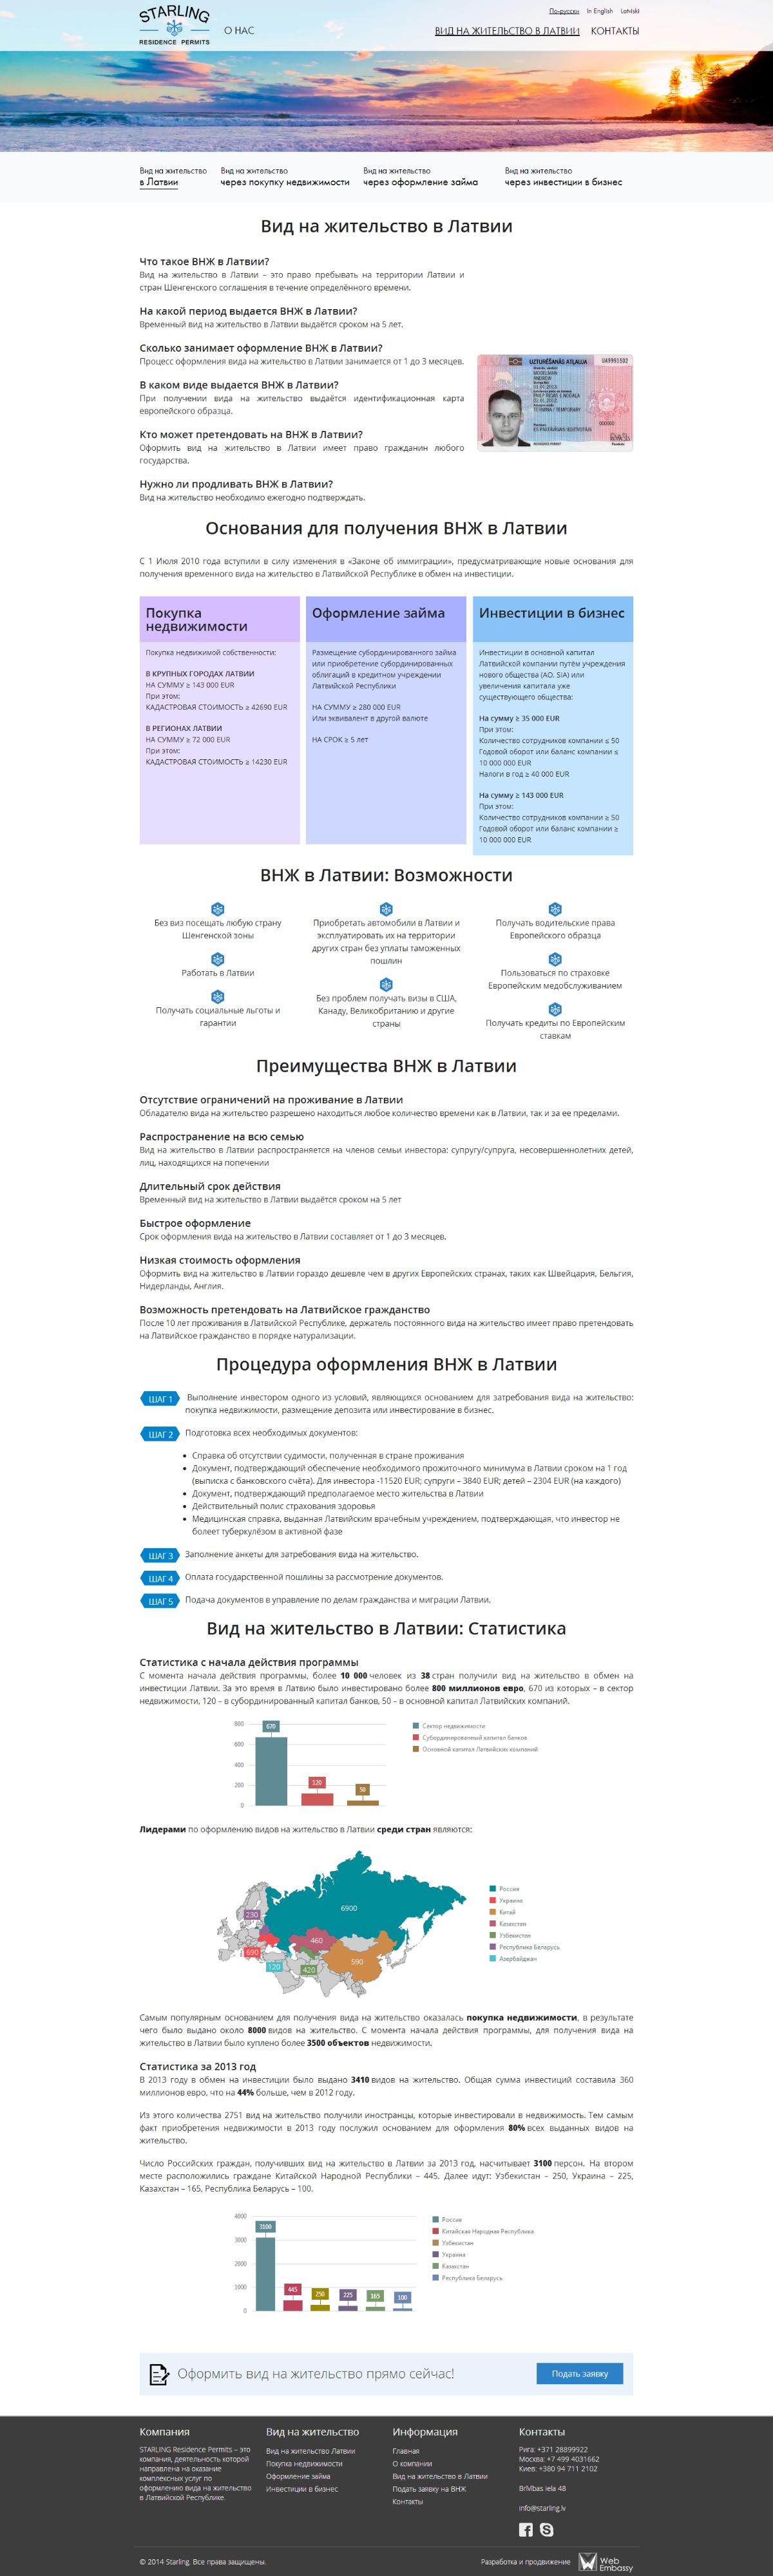 Разработка веб сайта для компании STARLING